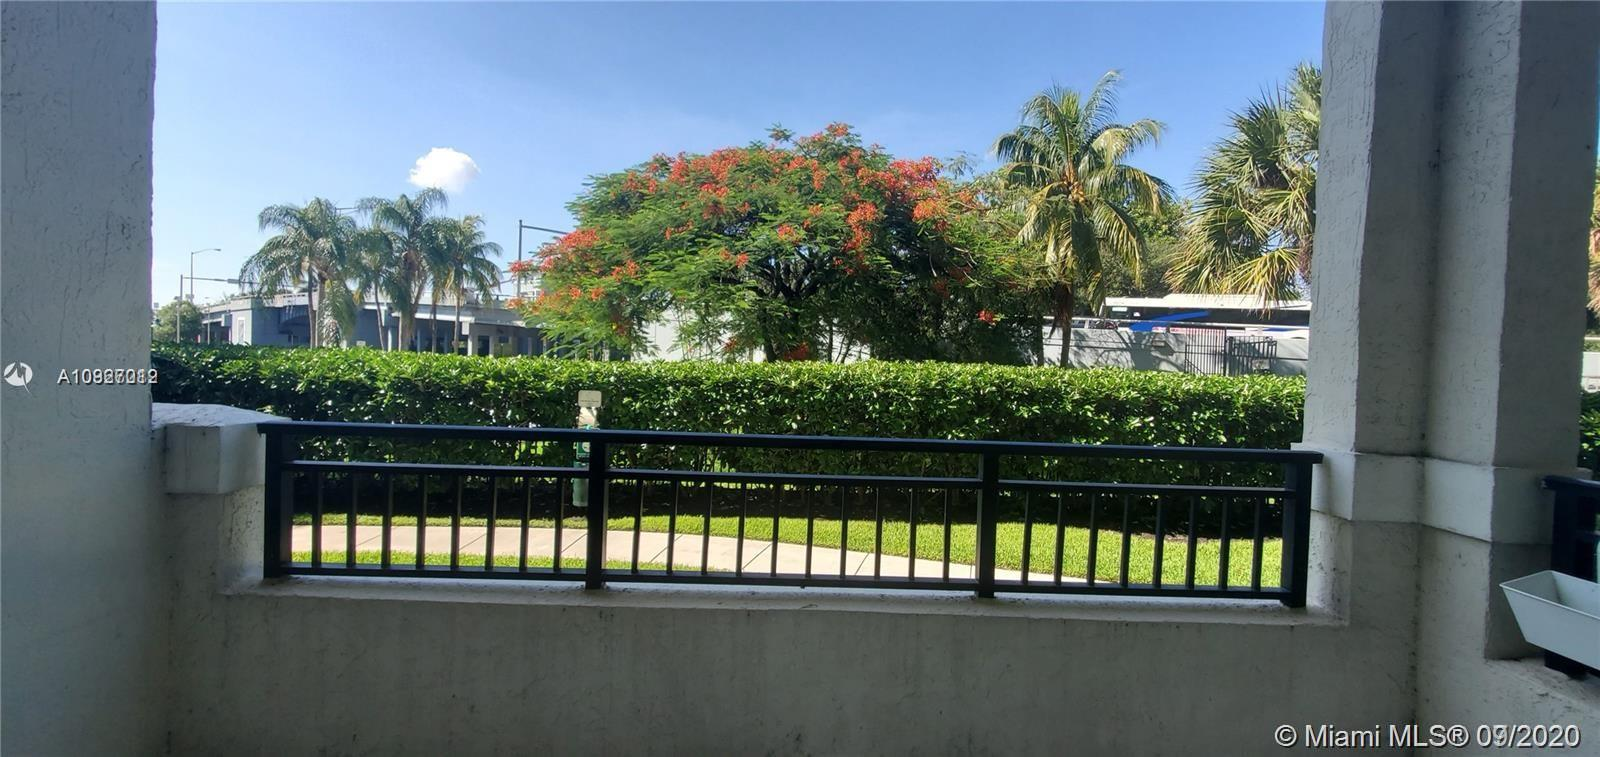 Symphony #101S - 600 W Las Olas Blvd #101S, Fort Lauderdale, FL 33312